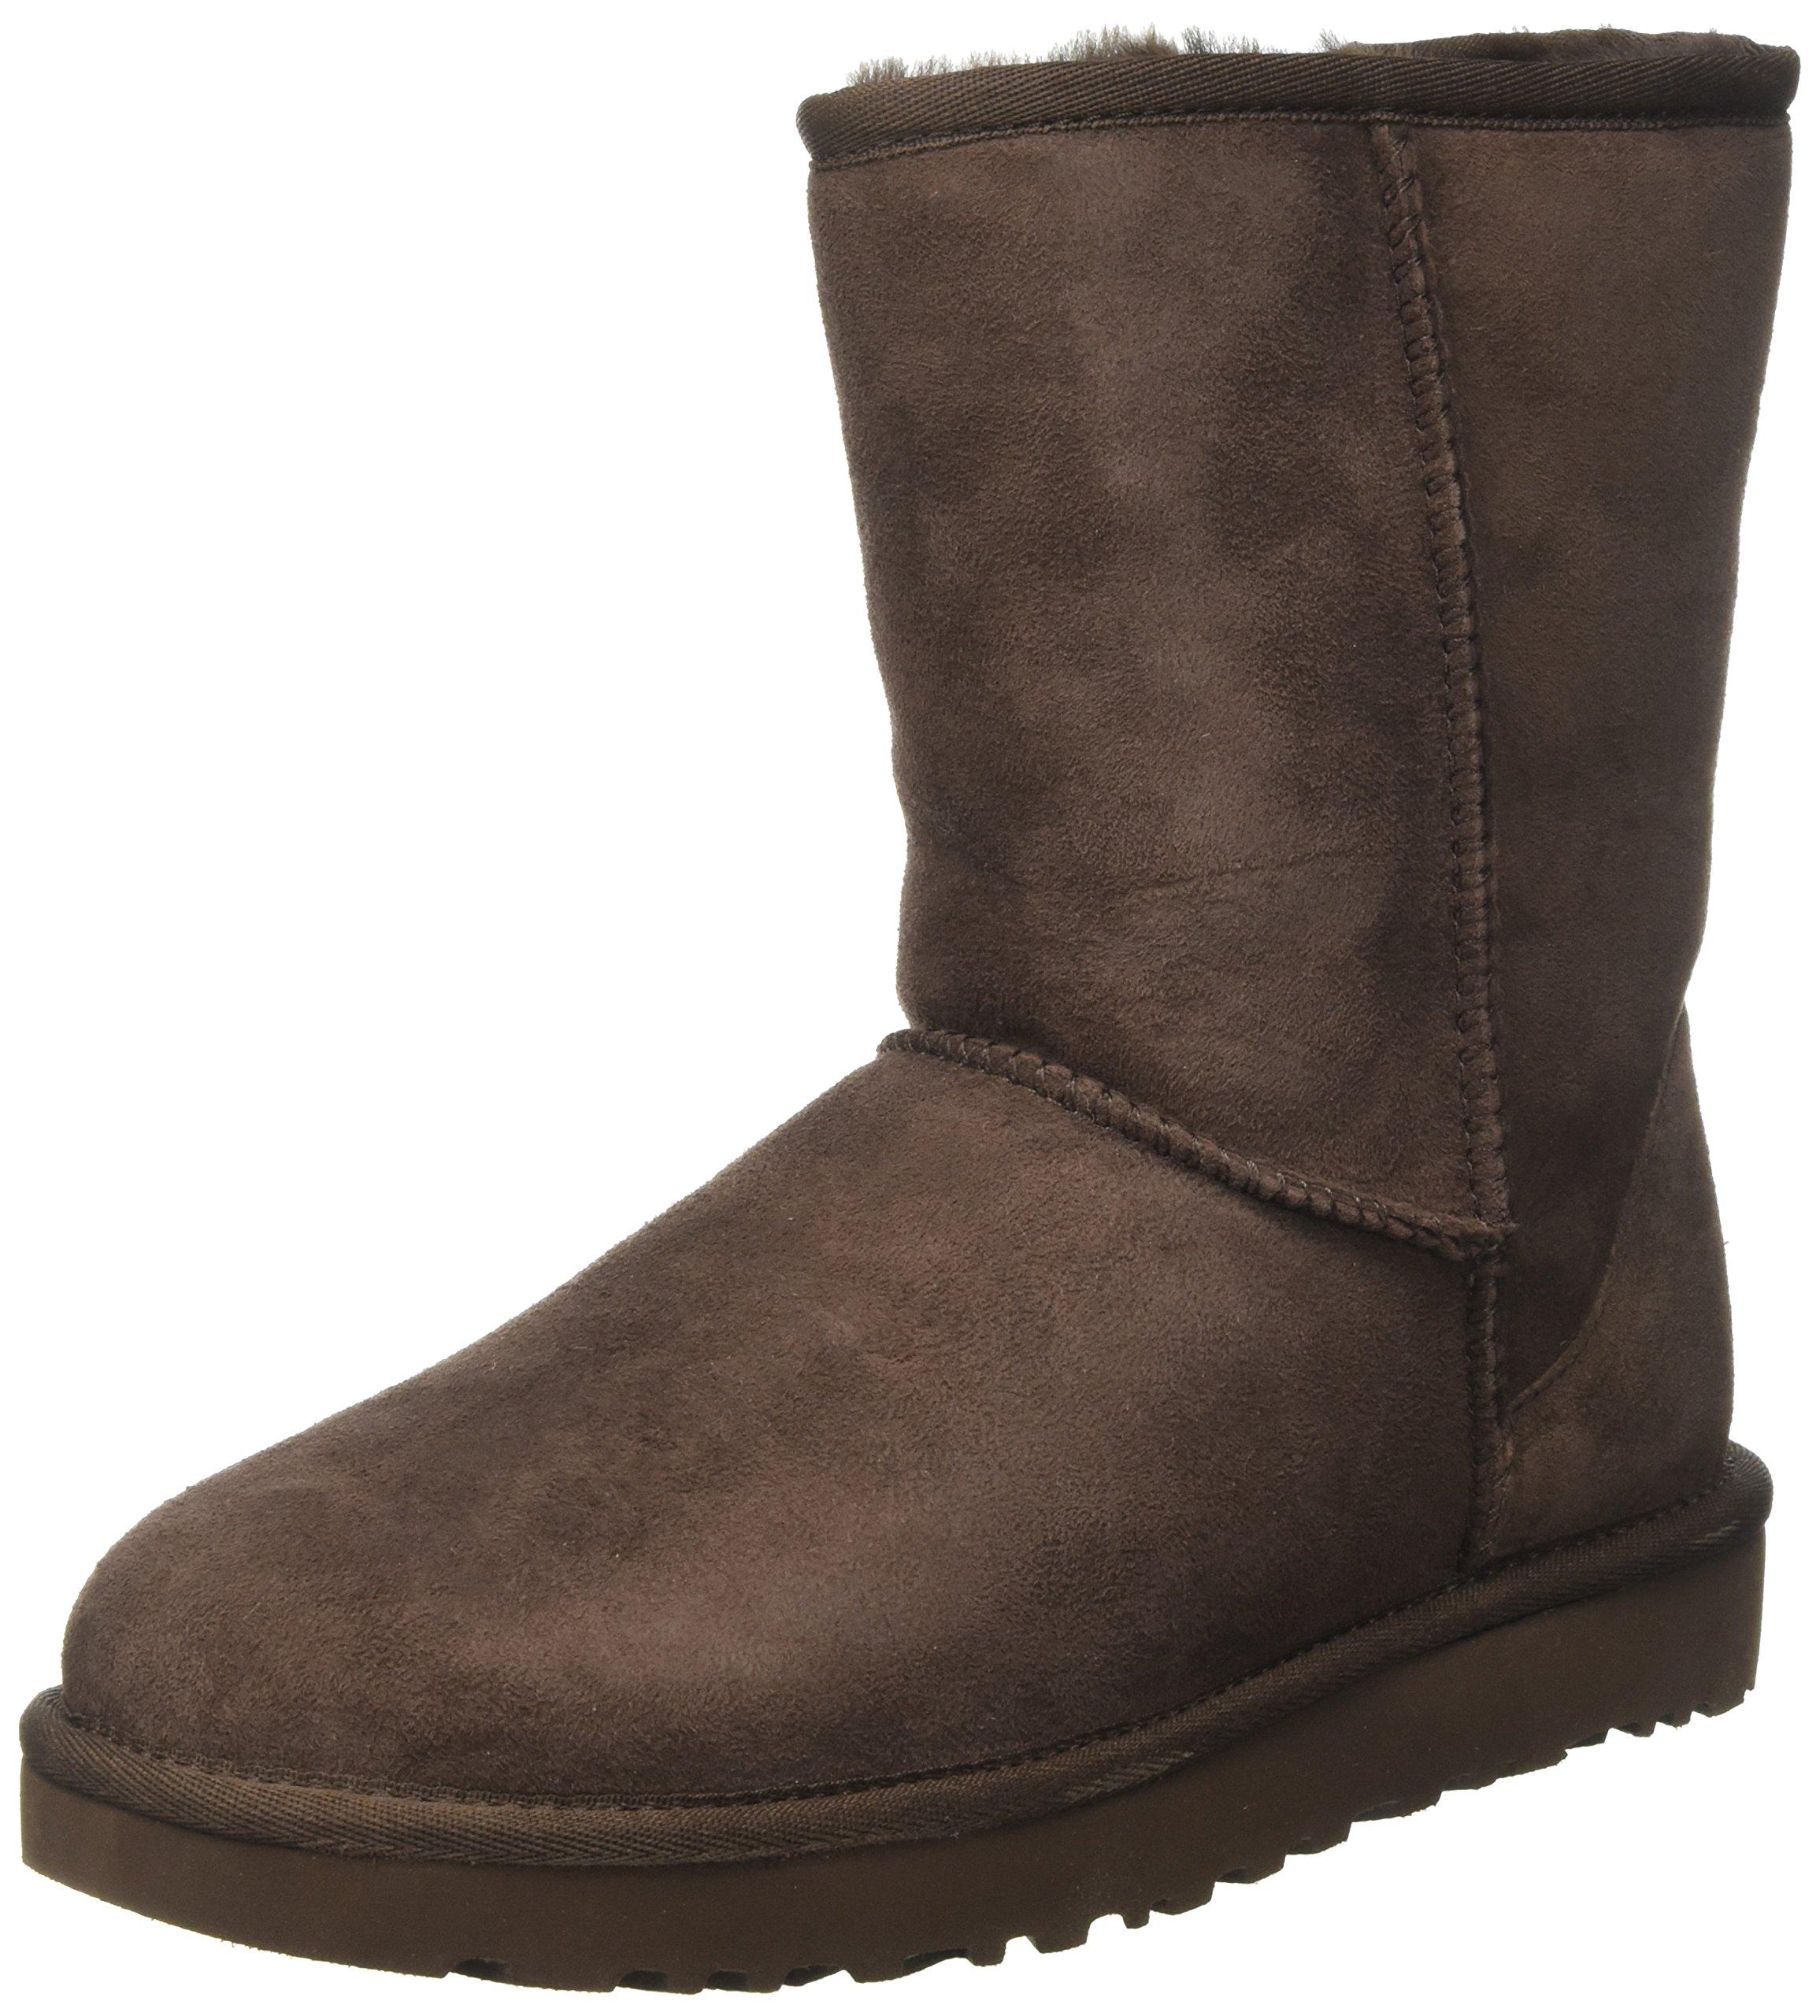 UGG Women's Classic Short II Winter Boot, Chocolate, 5 M US